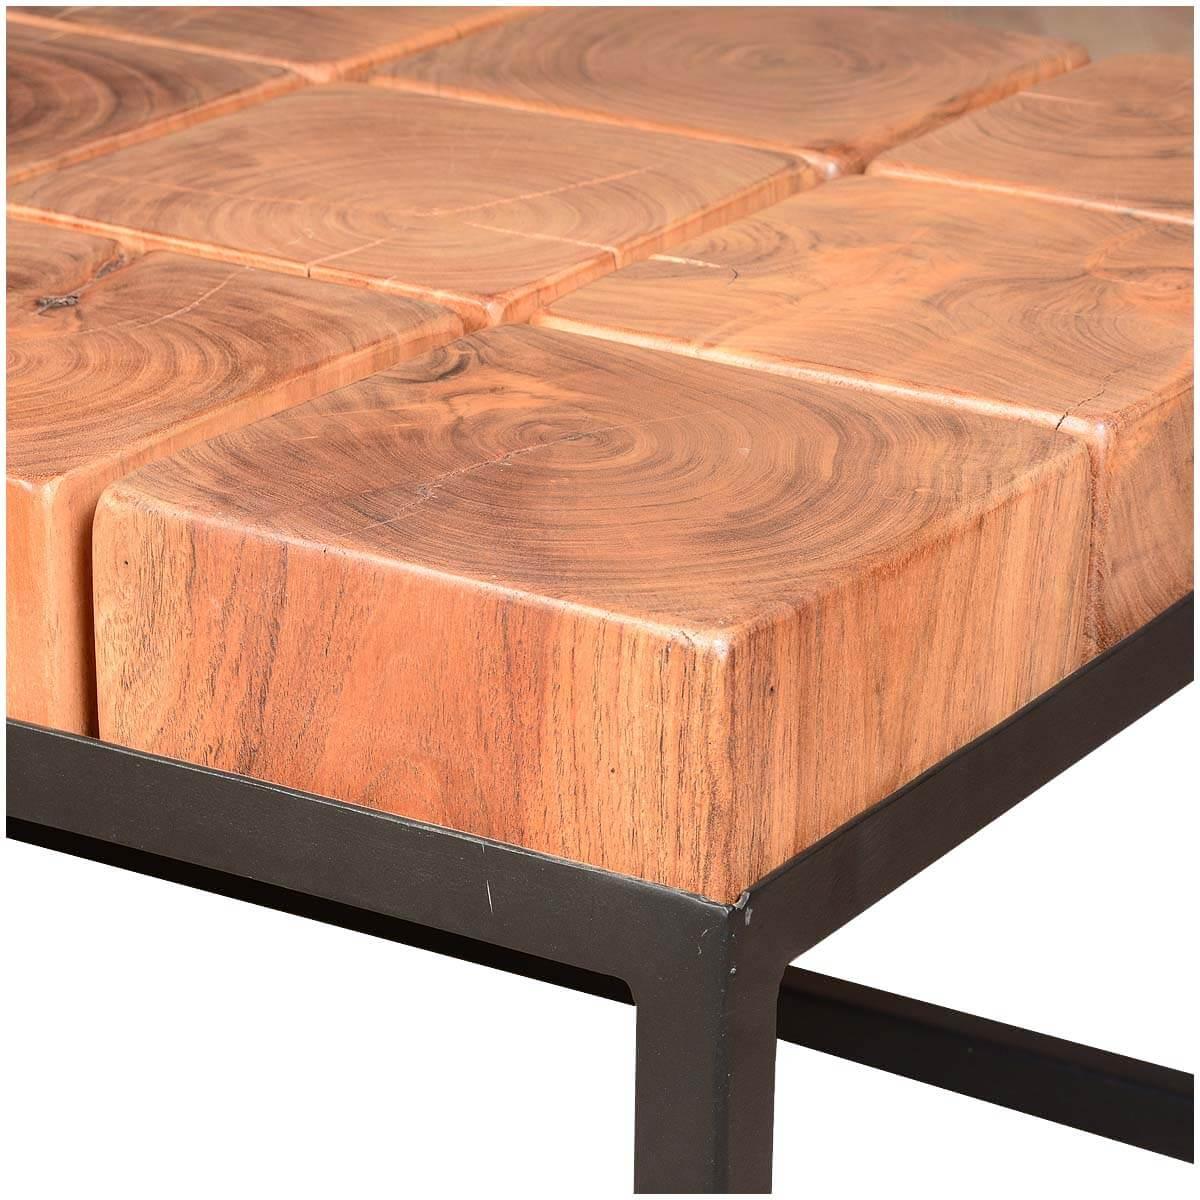 Solid Acacia Wood Block Contemporary Iron Base Rustic Coffee Table. Acacia Wood Block Contemporary Iron Base Rustic Coffee Table